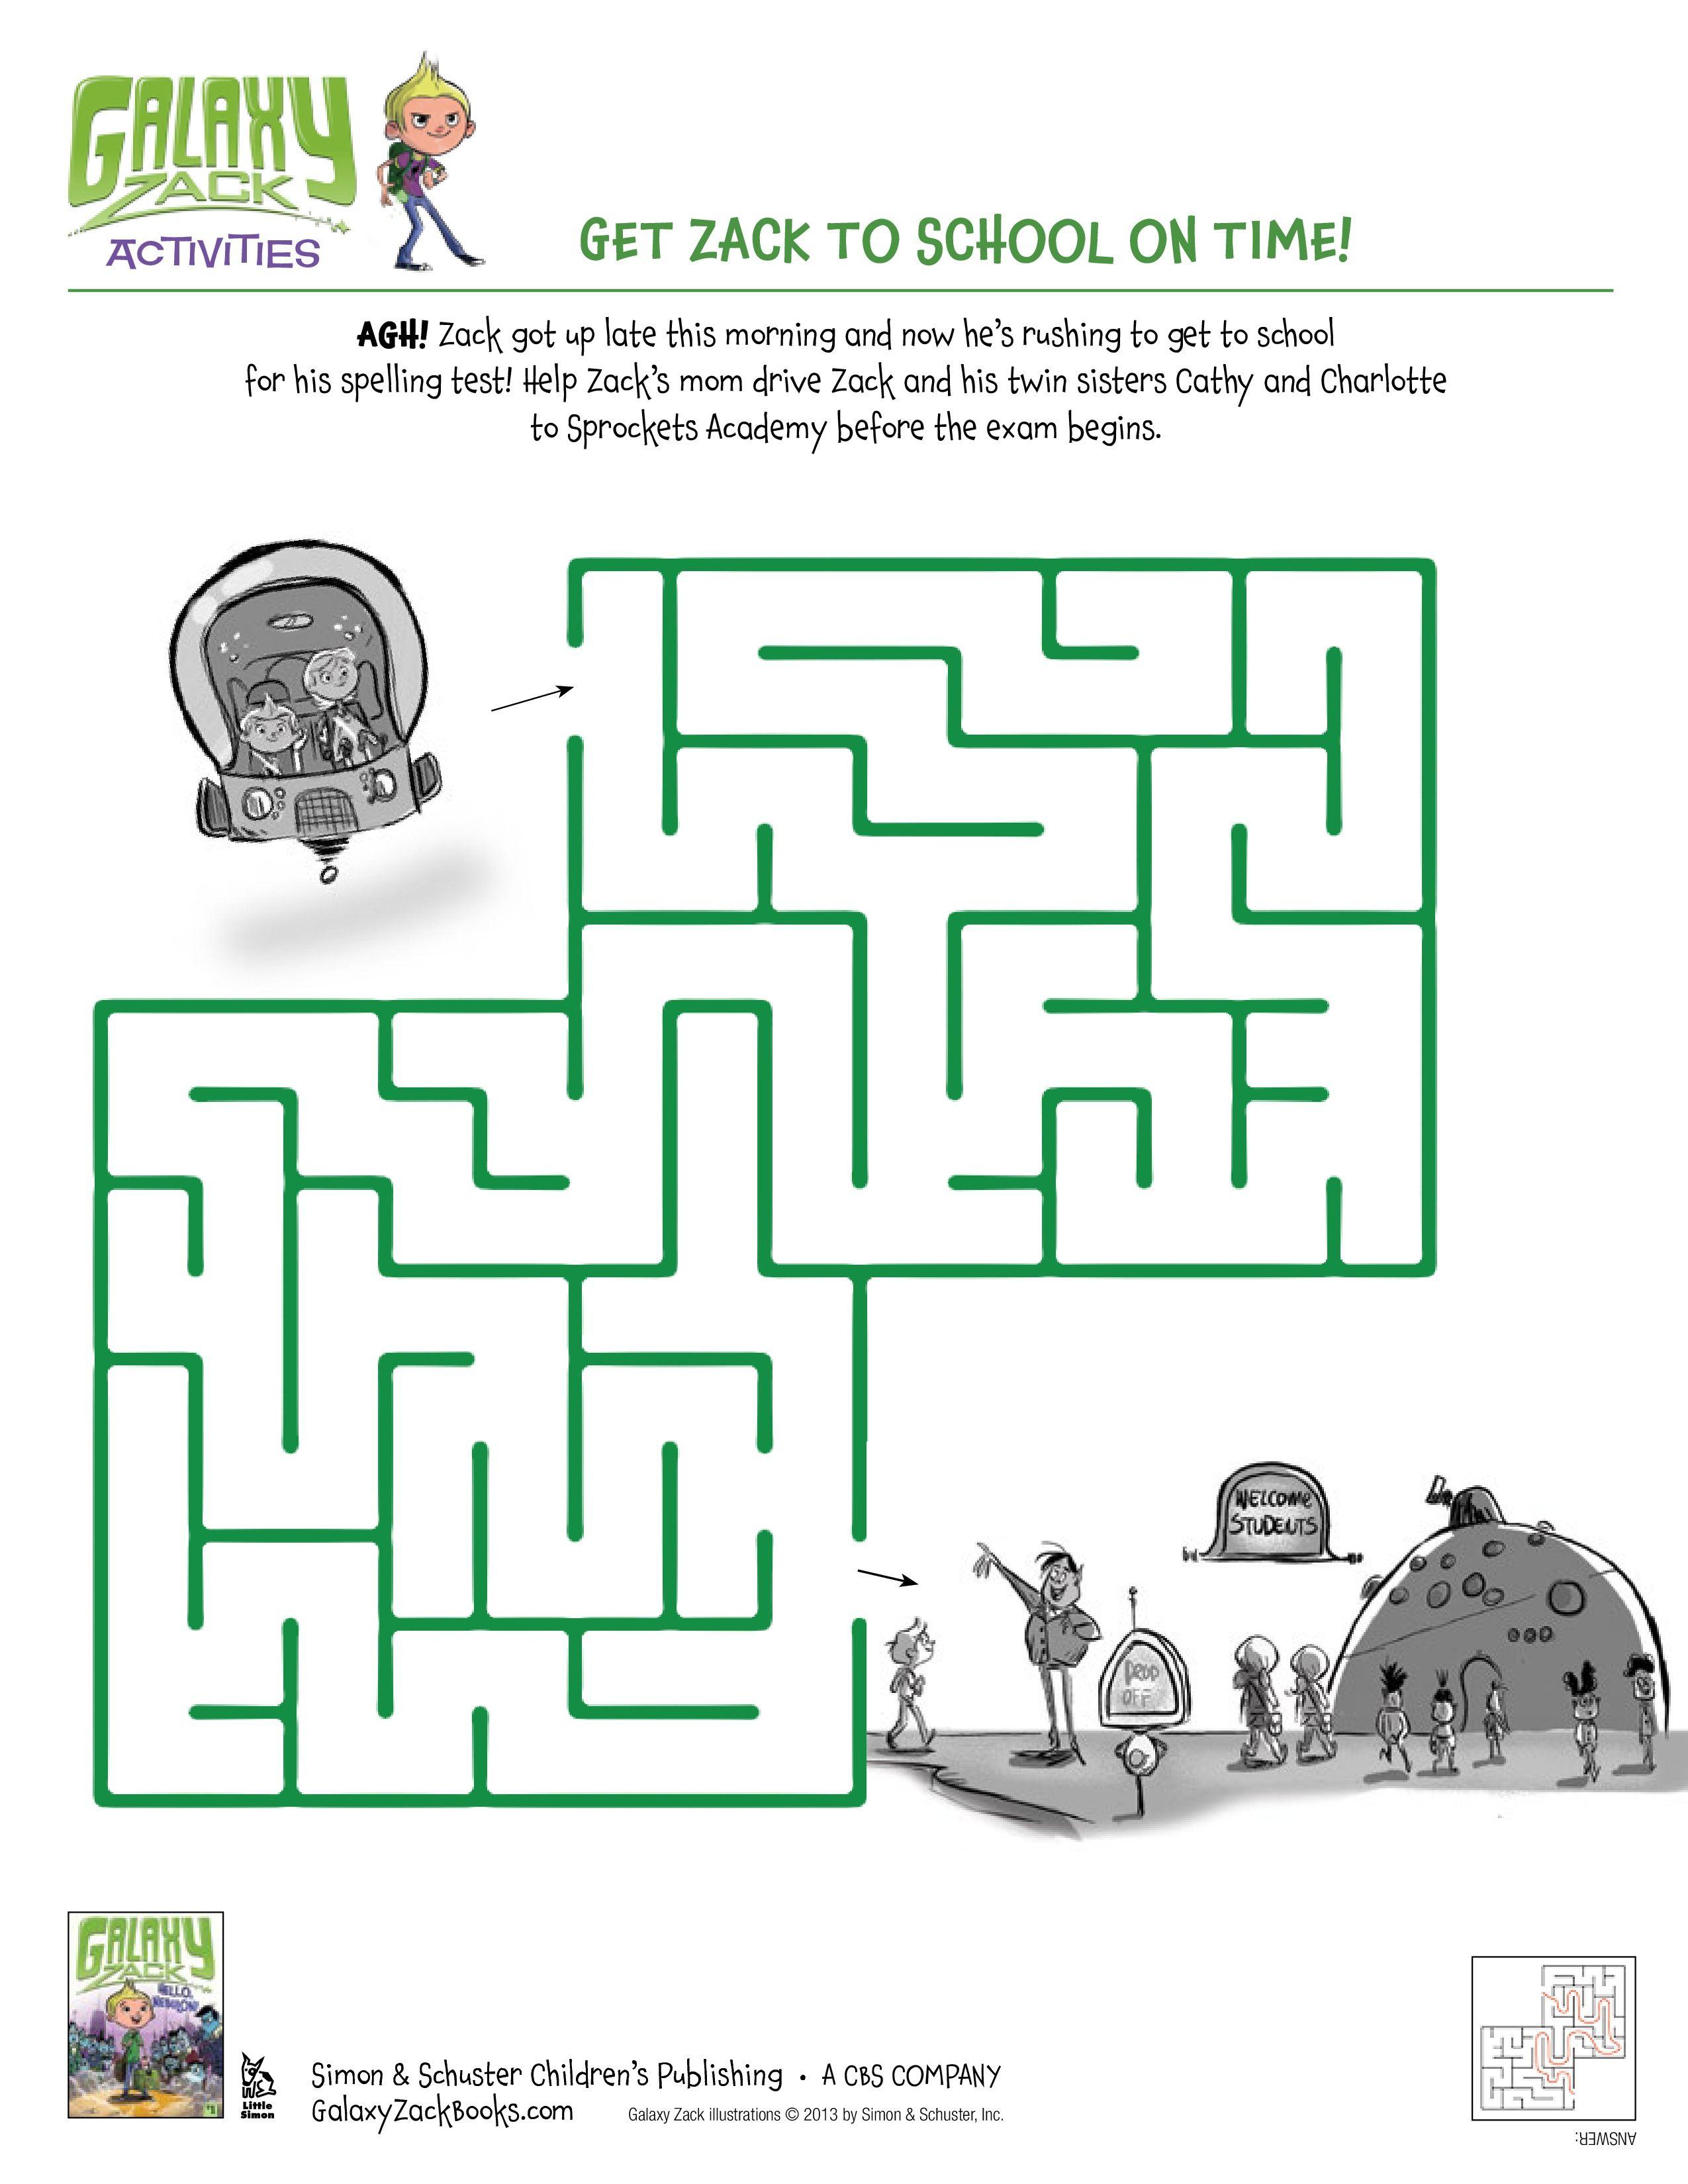 Galaxy Zack - Maze | Amazing Mazes | Pinterest | Maze